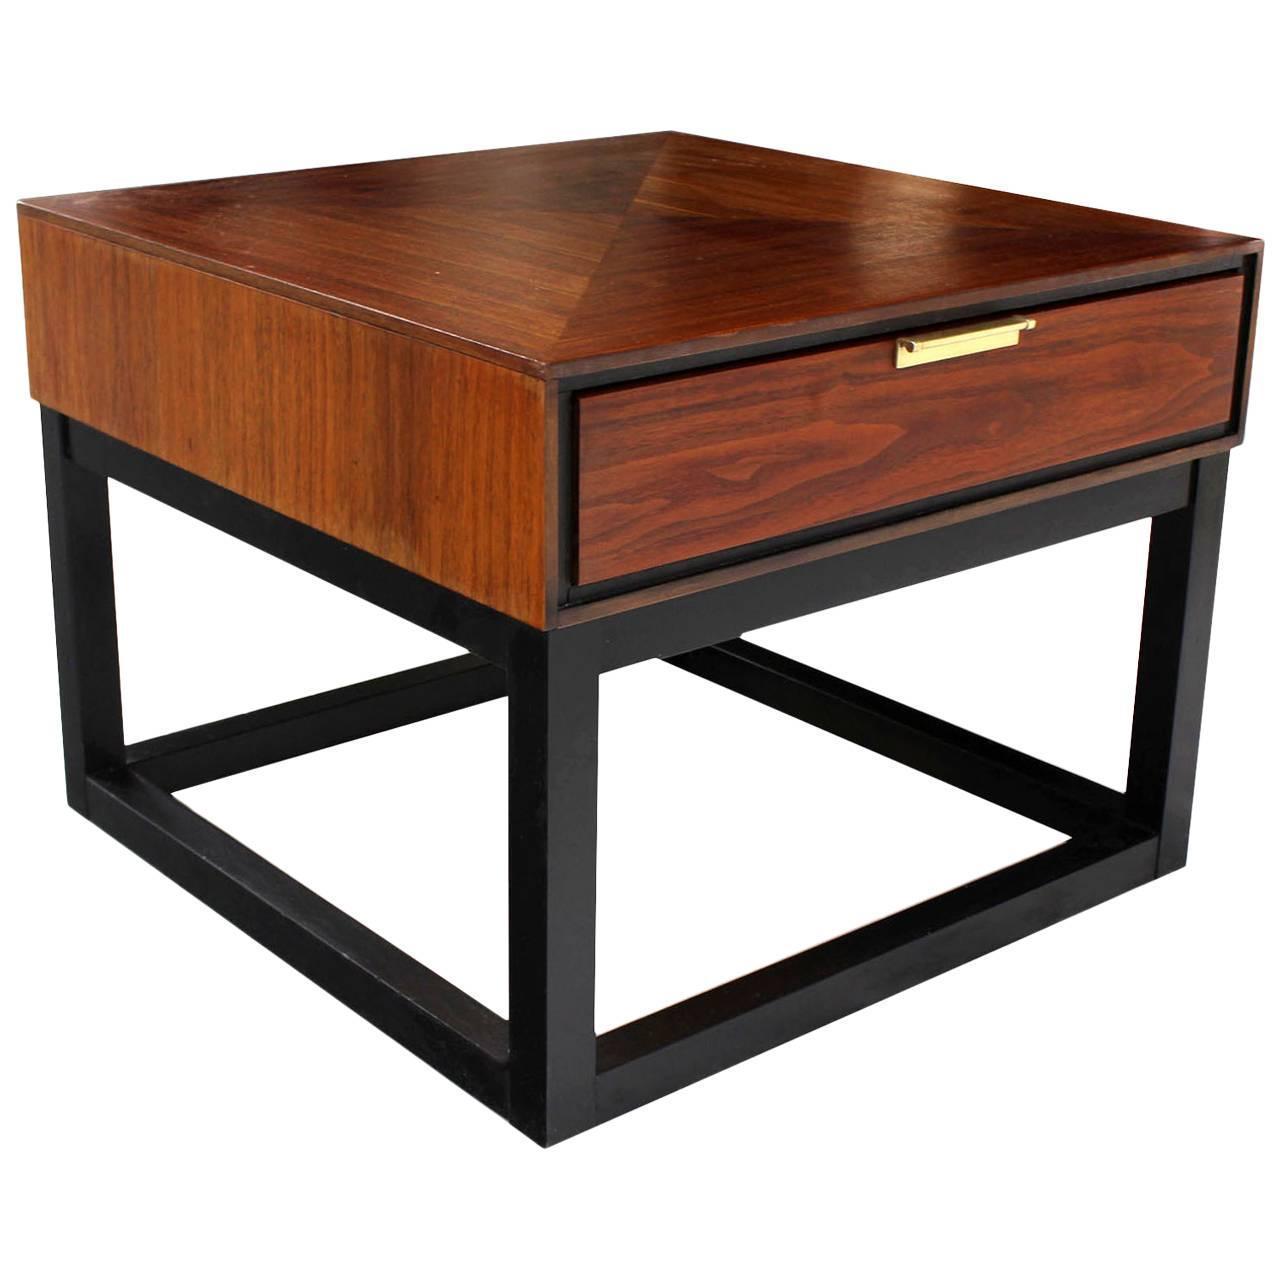 Walnut end table on black frame base at 1stdibs for Walnut side table